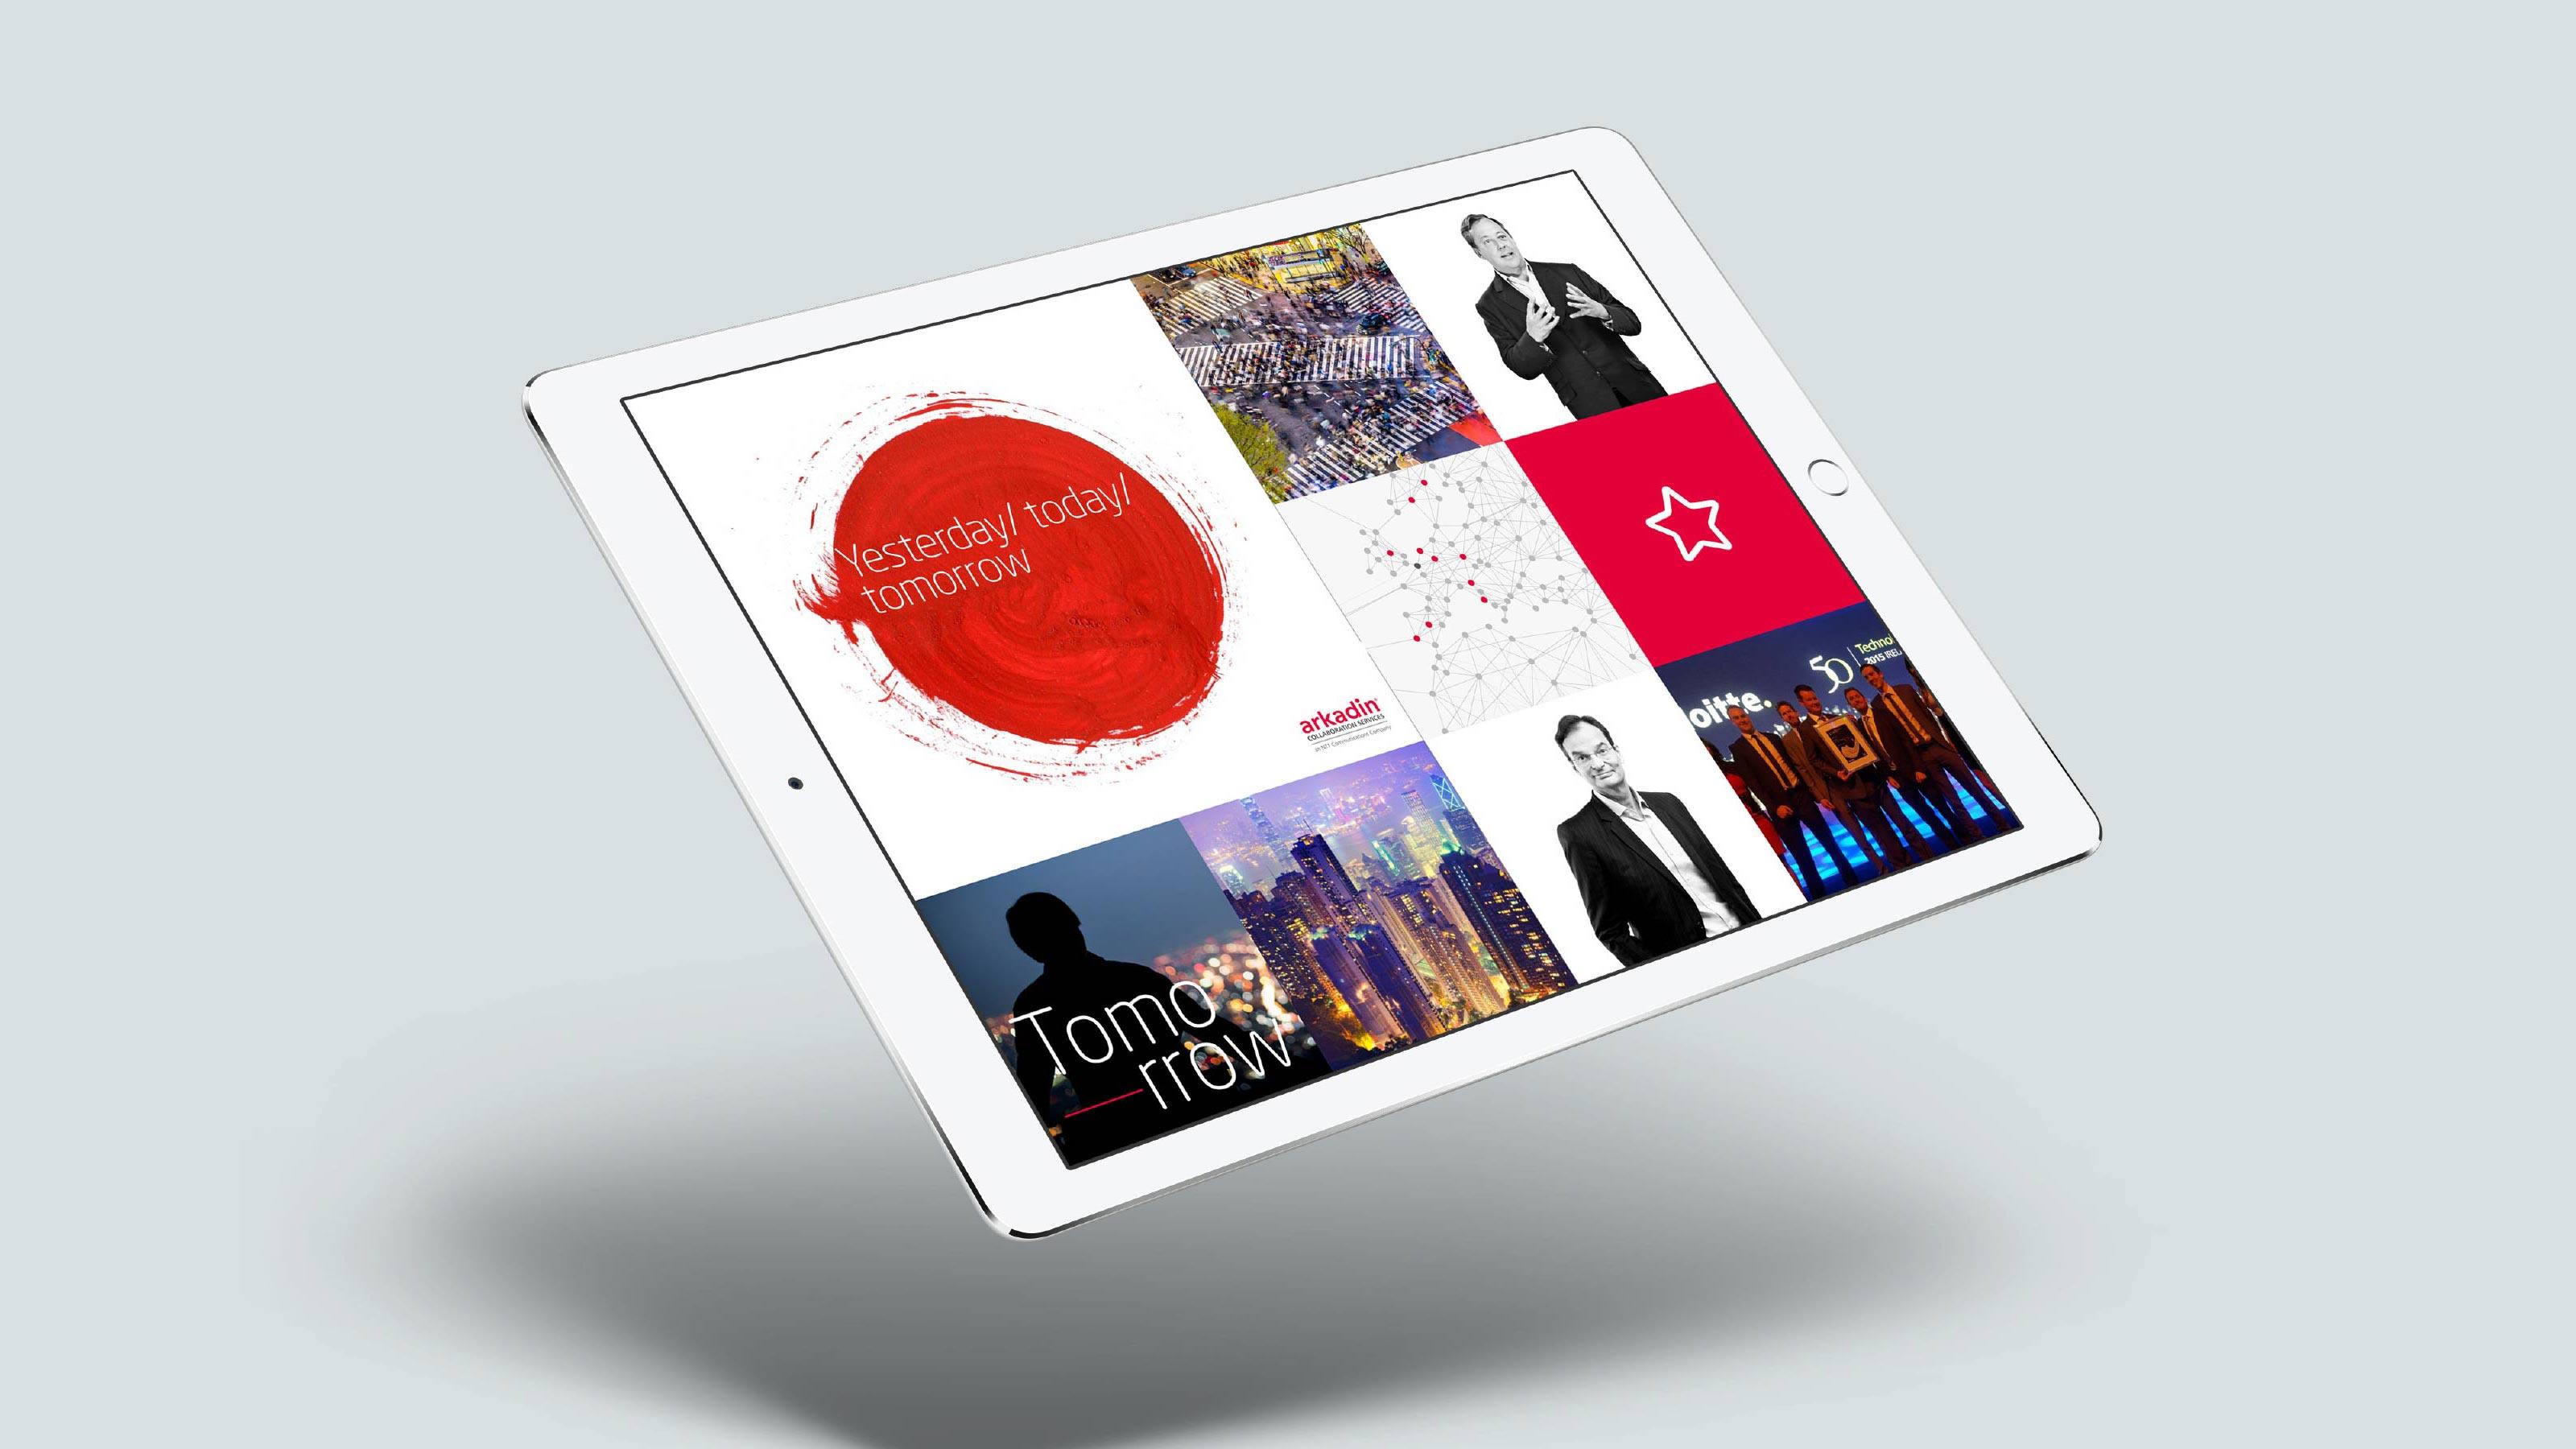 Marketing tablet design Arkadin